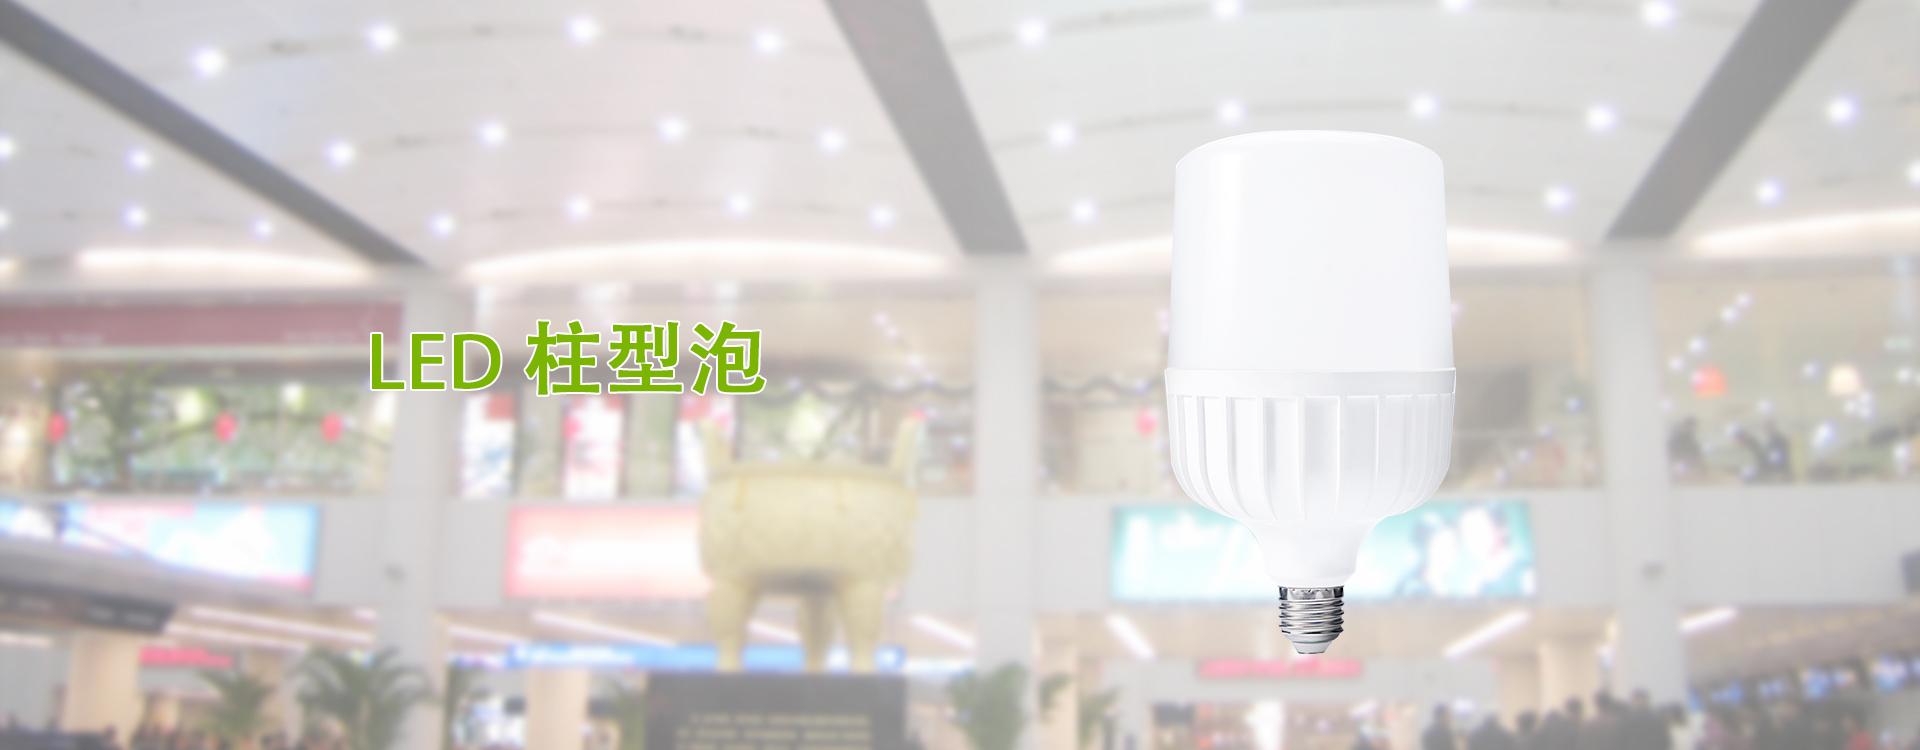 LED T型球泡灯